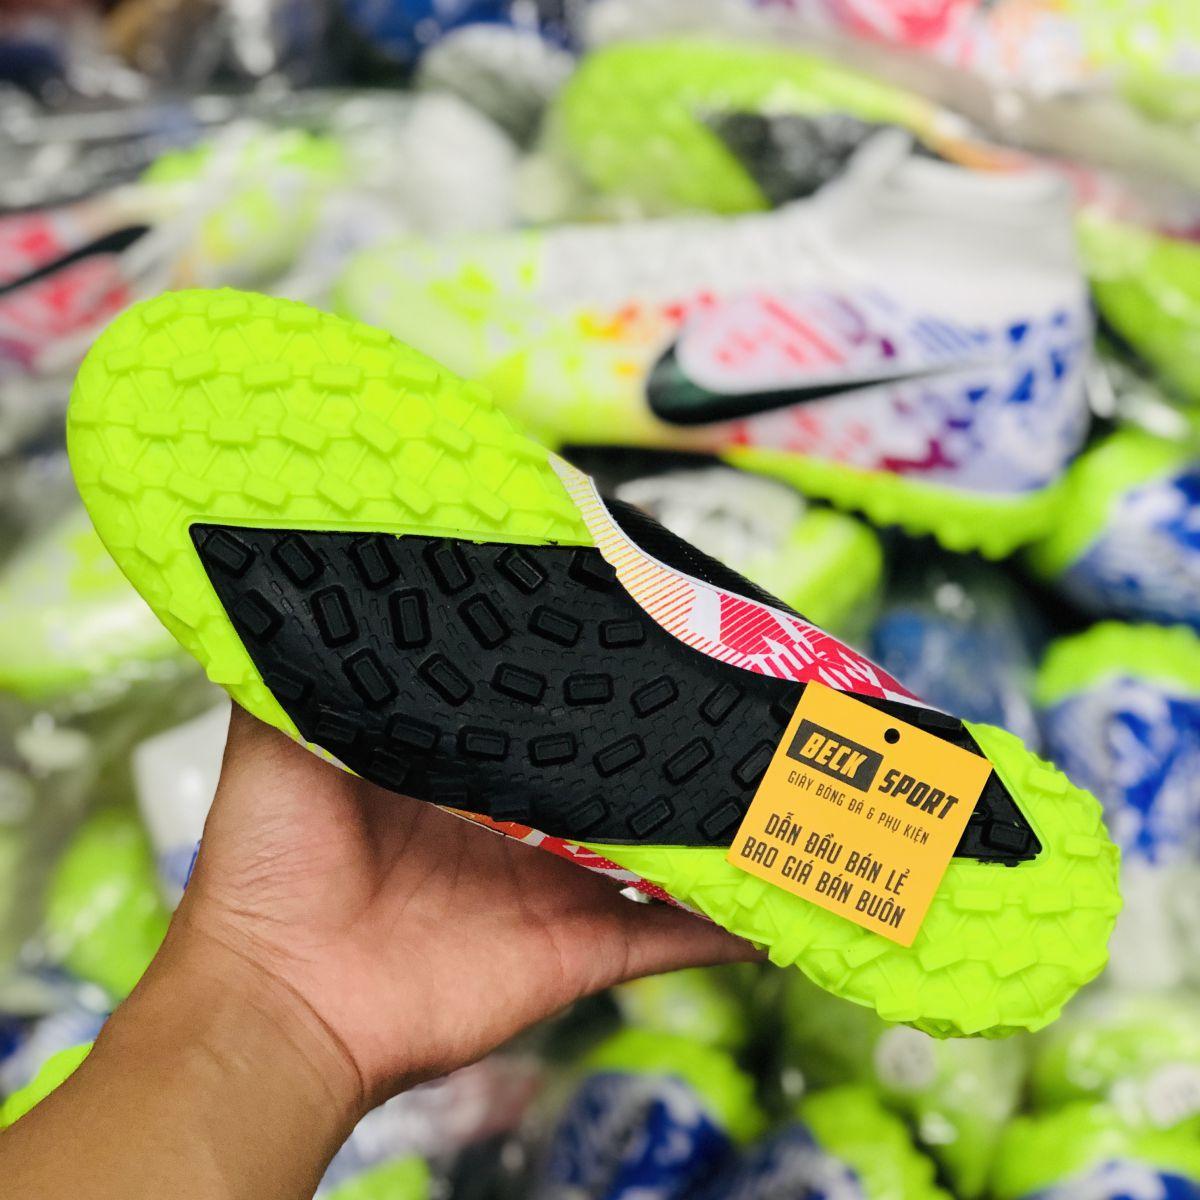 Giày Bóng Đá Nike Mercurial Superfly 13 Elite Nõn Chuối Đỏ Xanh Biển Vạch Đen Cao Cổ TF